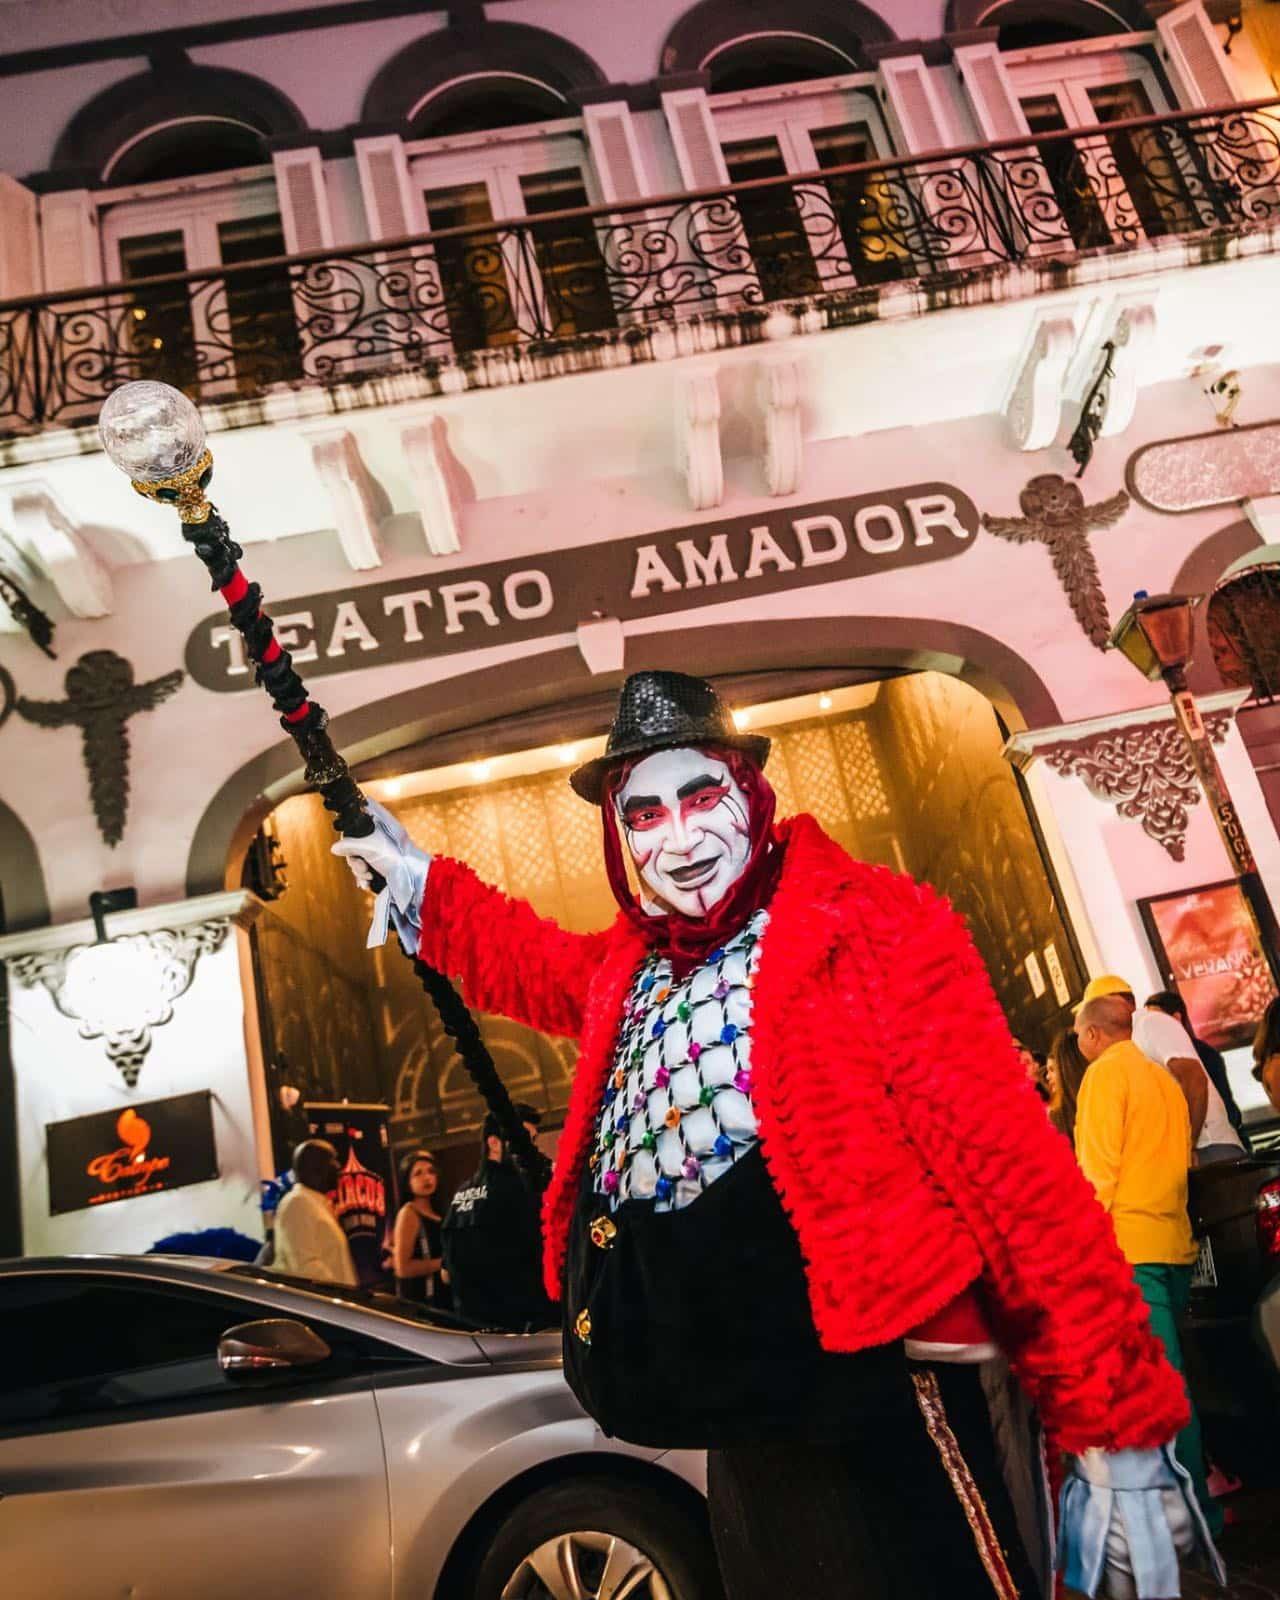 circus night at teatro amador casco viejo